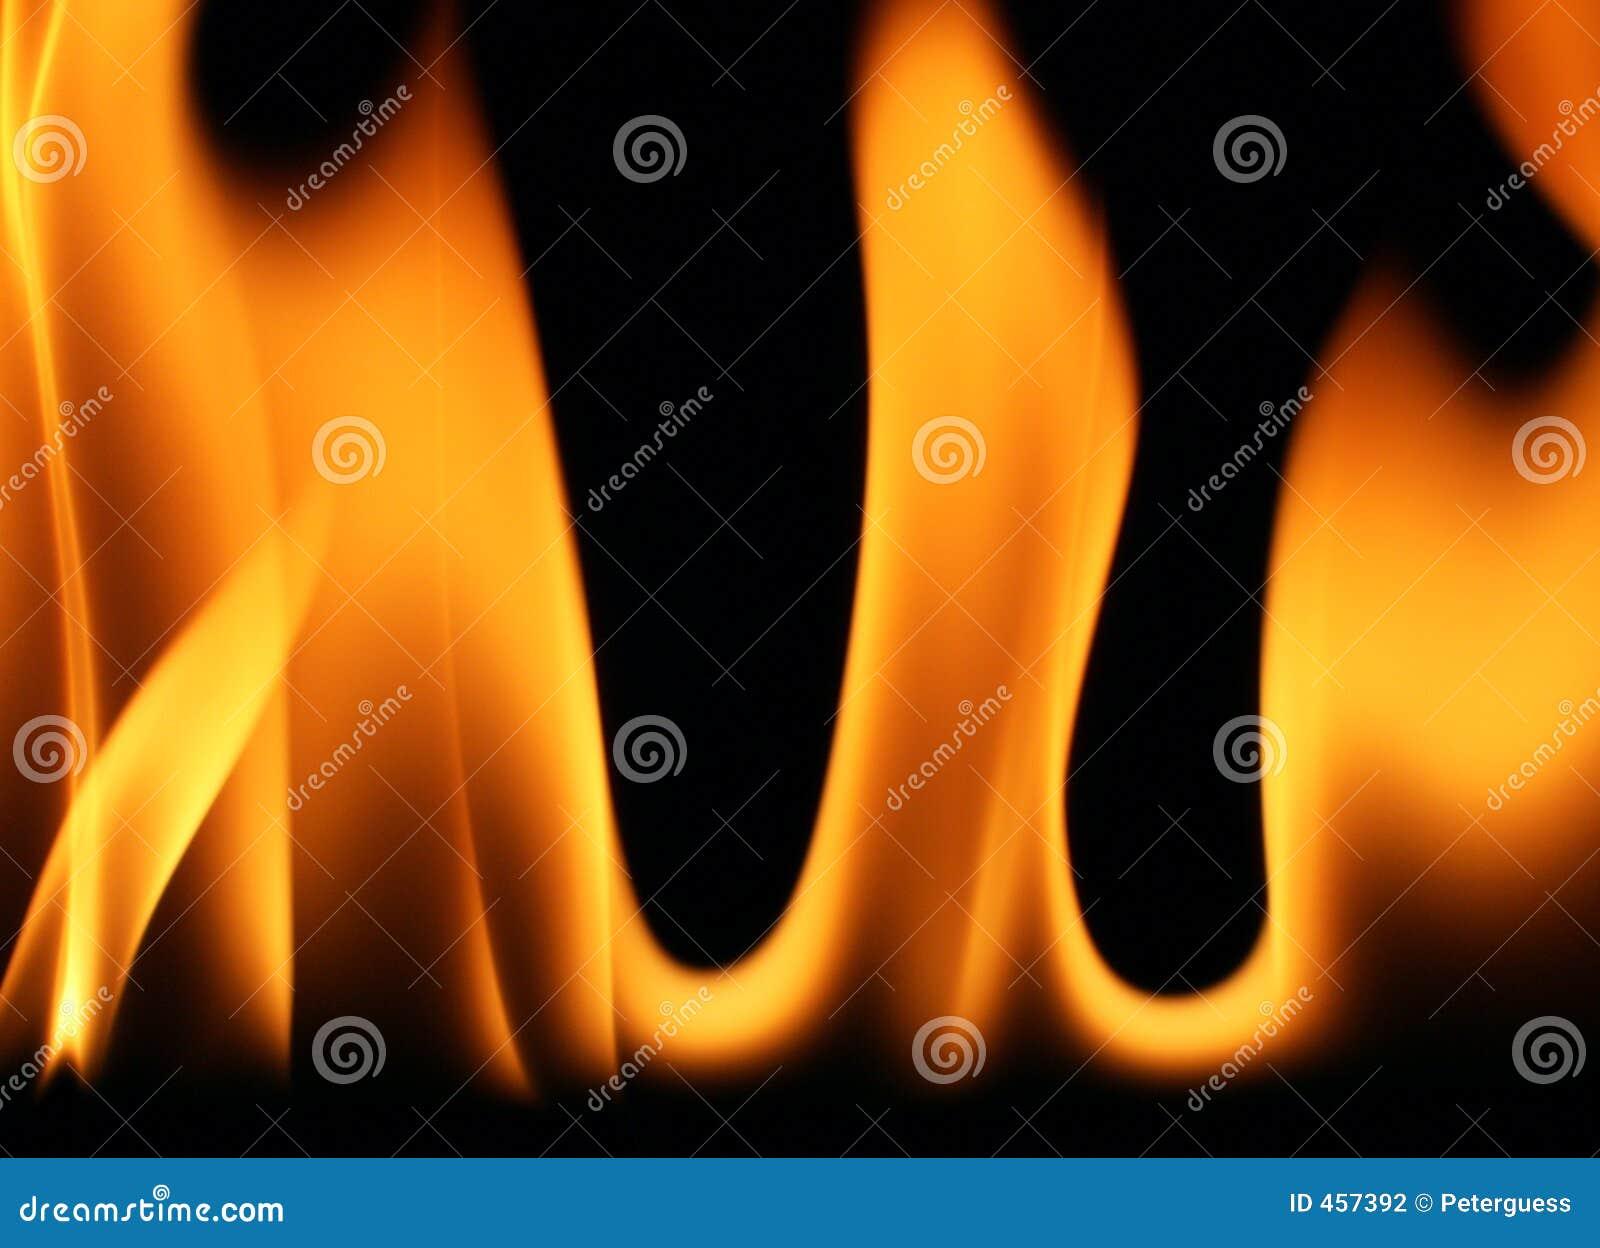 1 płomieni